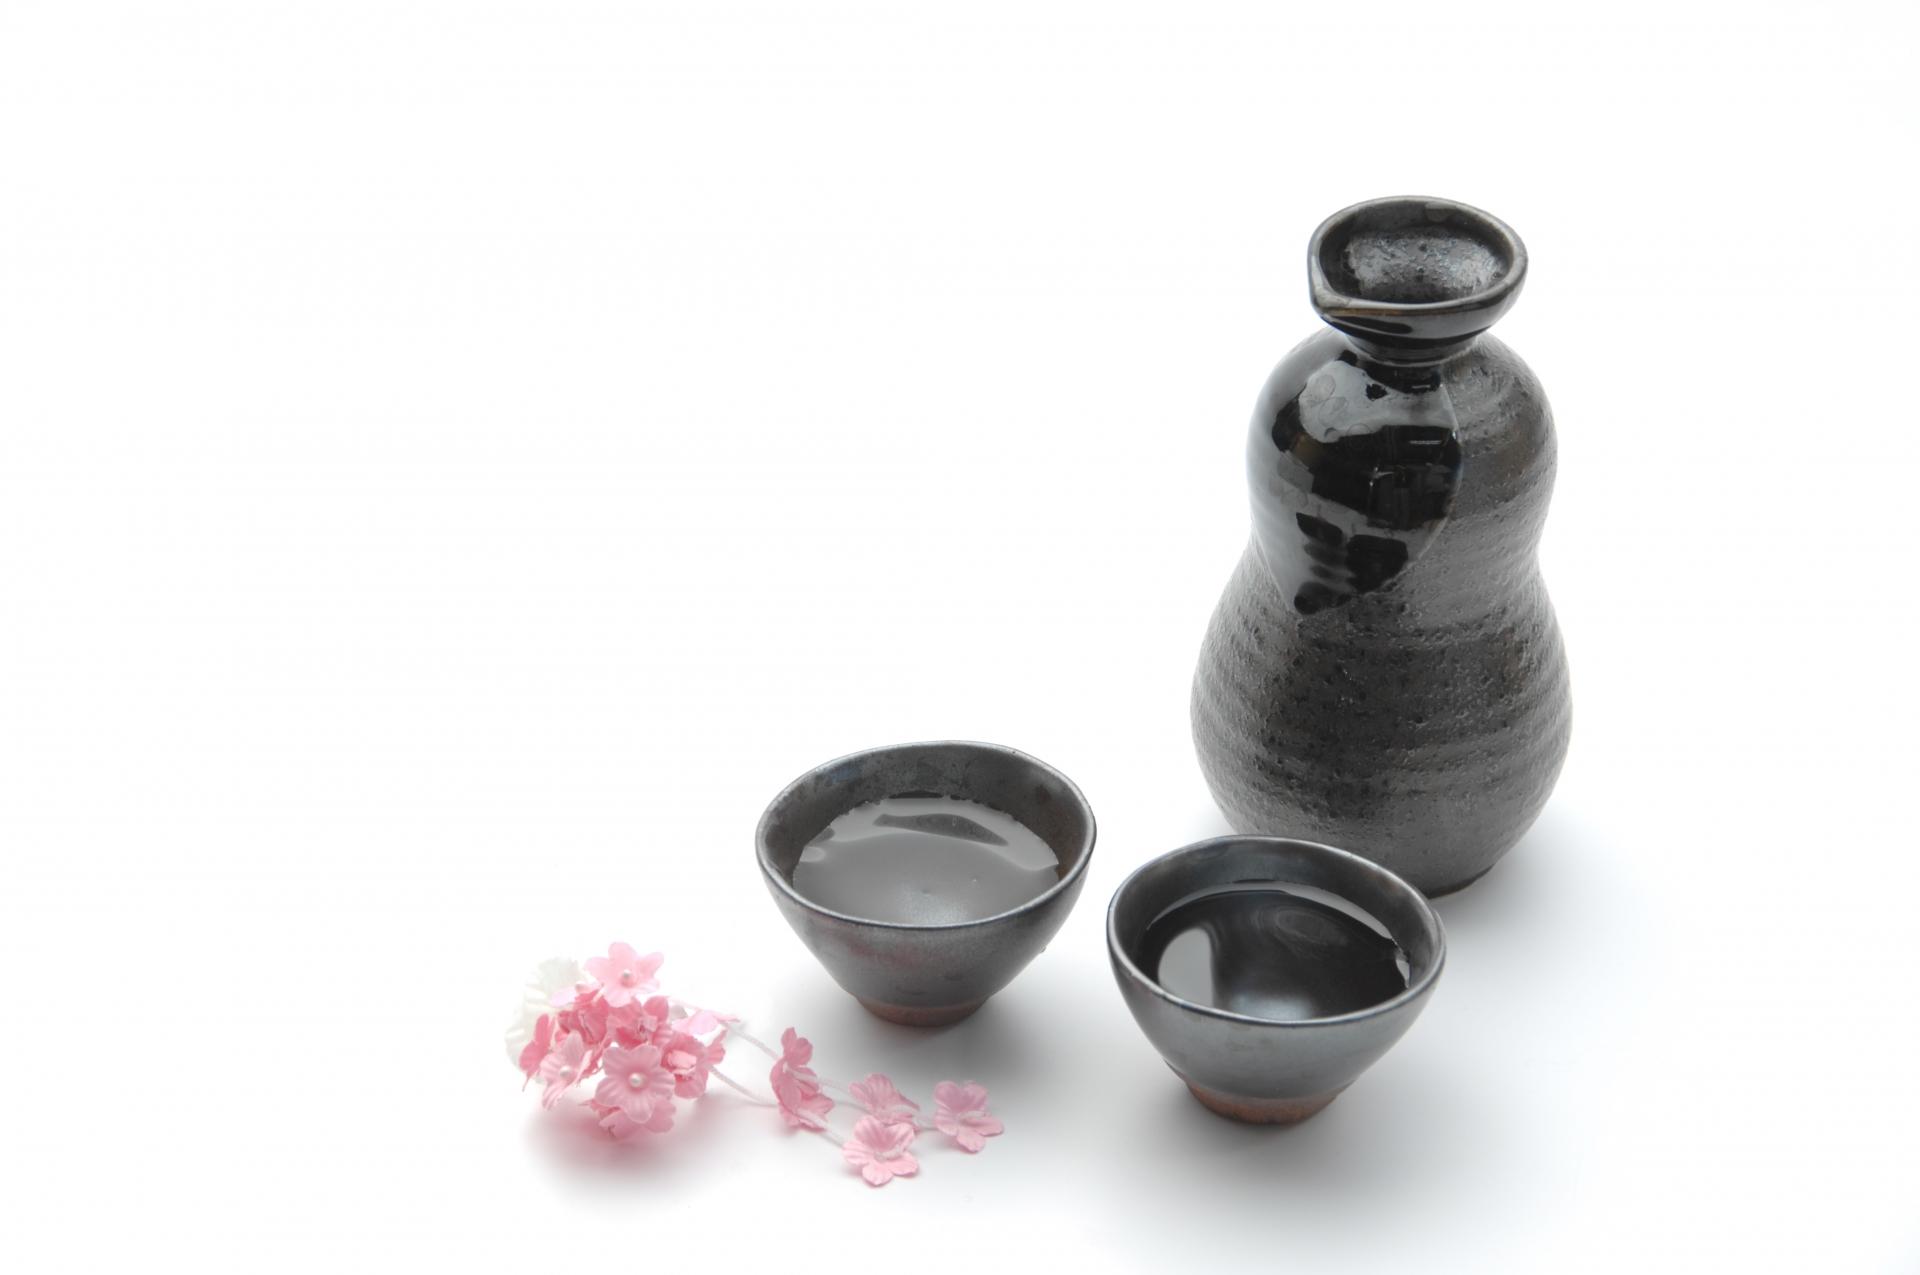 辛口の日本酒おすすめ6選!プレゼントにもぴったりな高級銘柄も